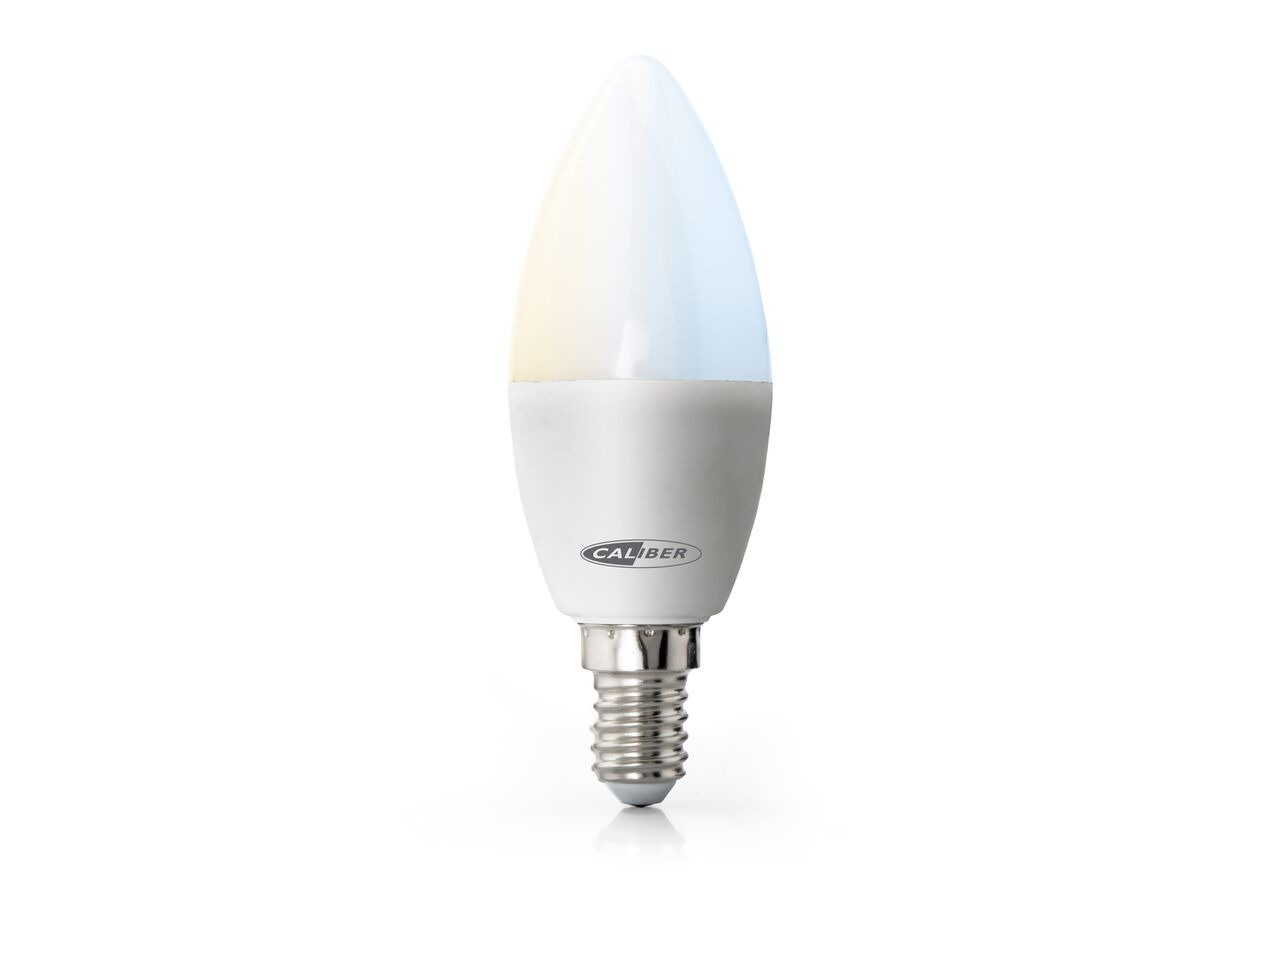 Korting Caliber HWL1201 Smart Lamp E14 (werkt met Google Assistant) Smartverlichting